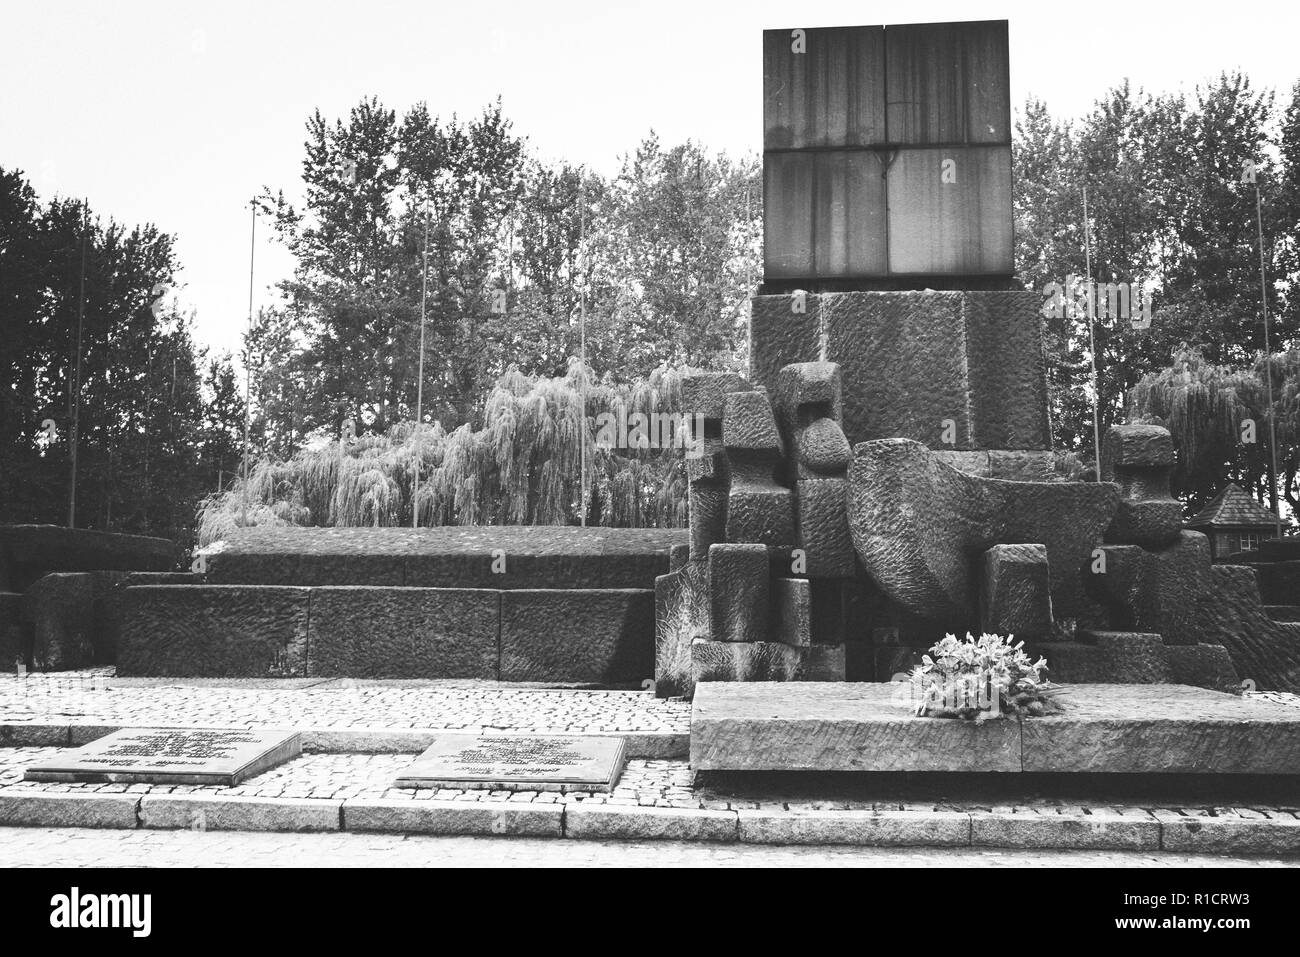 Auschwitz II Birkenau, Nazi concentration and extermination camp. Memorial to 1.5 million murdered by Nazis. Auschwitz, German-occupied, Poland, Europ Stock Photo